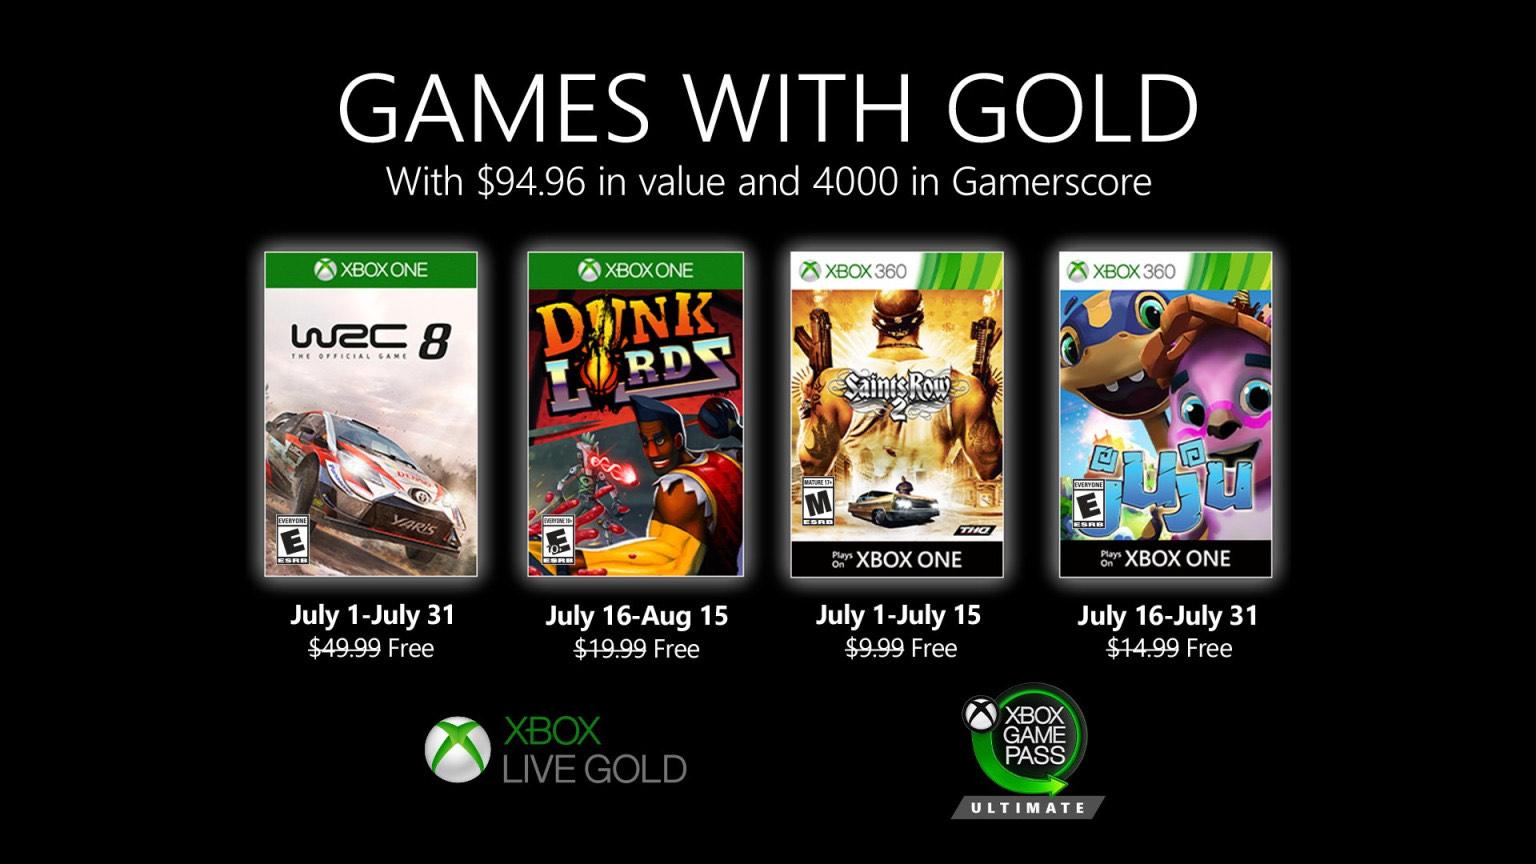 [Membres Gold] Sélection de jeux vidéo offerts sur Xbox 360 / Xbox One (dématérialisés) - Ex : WRC 8 FIA World Rally Championship